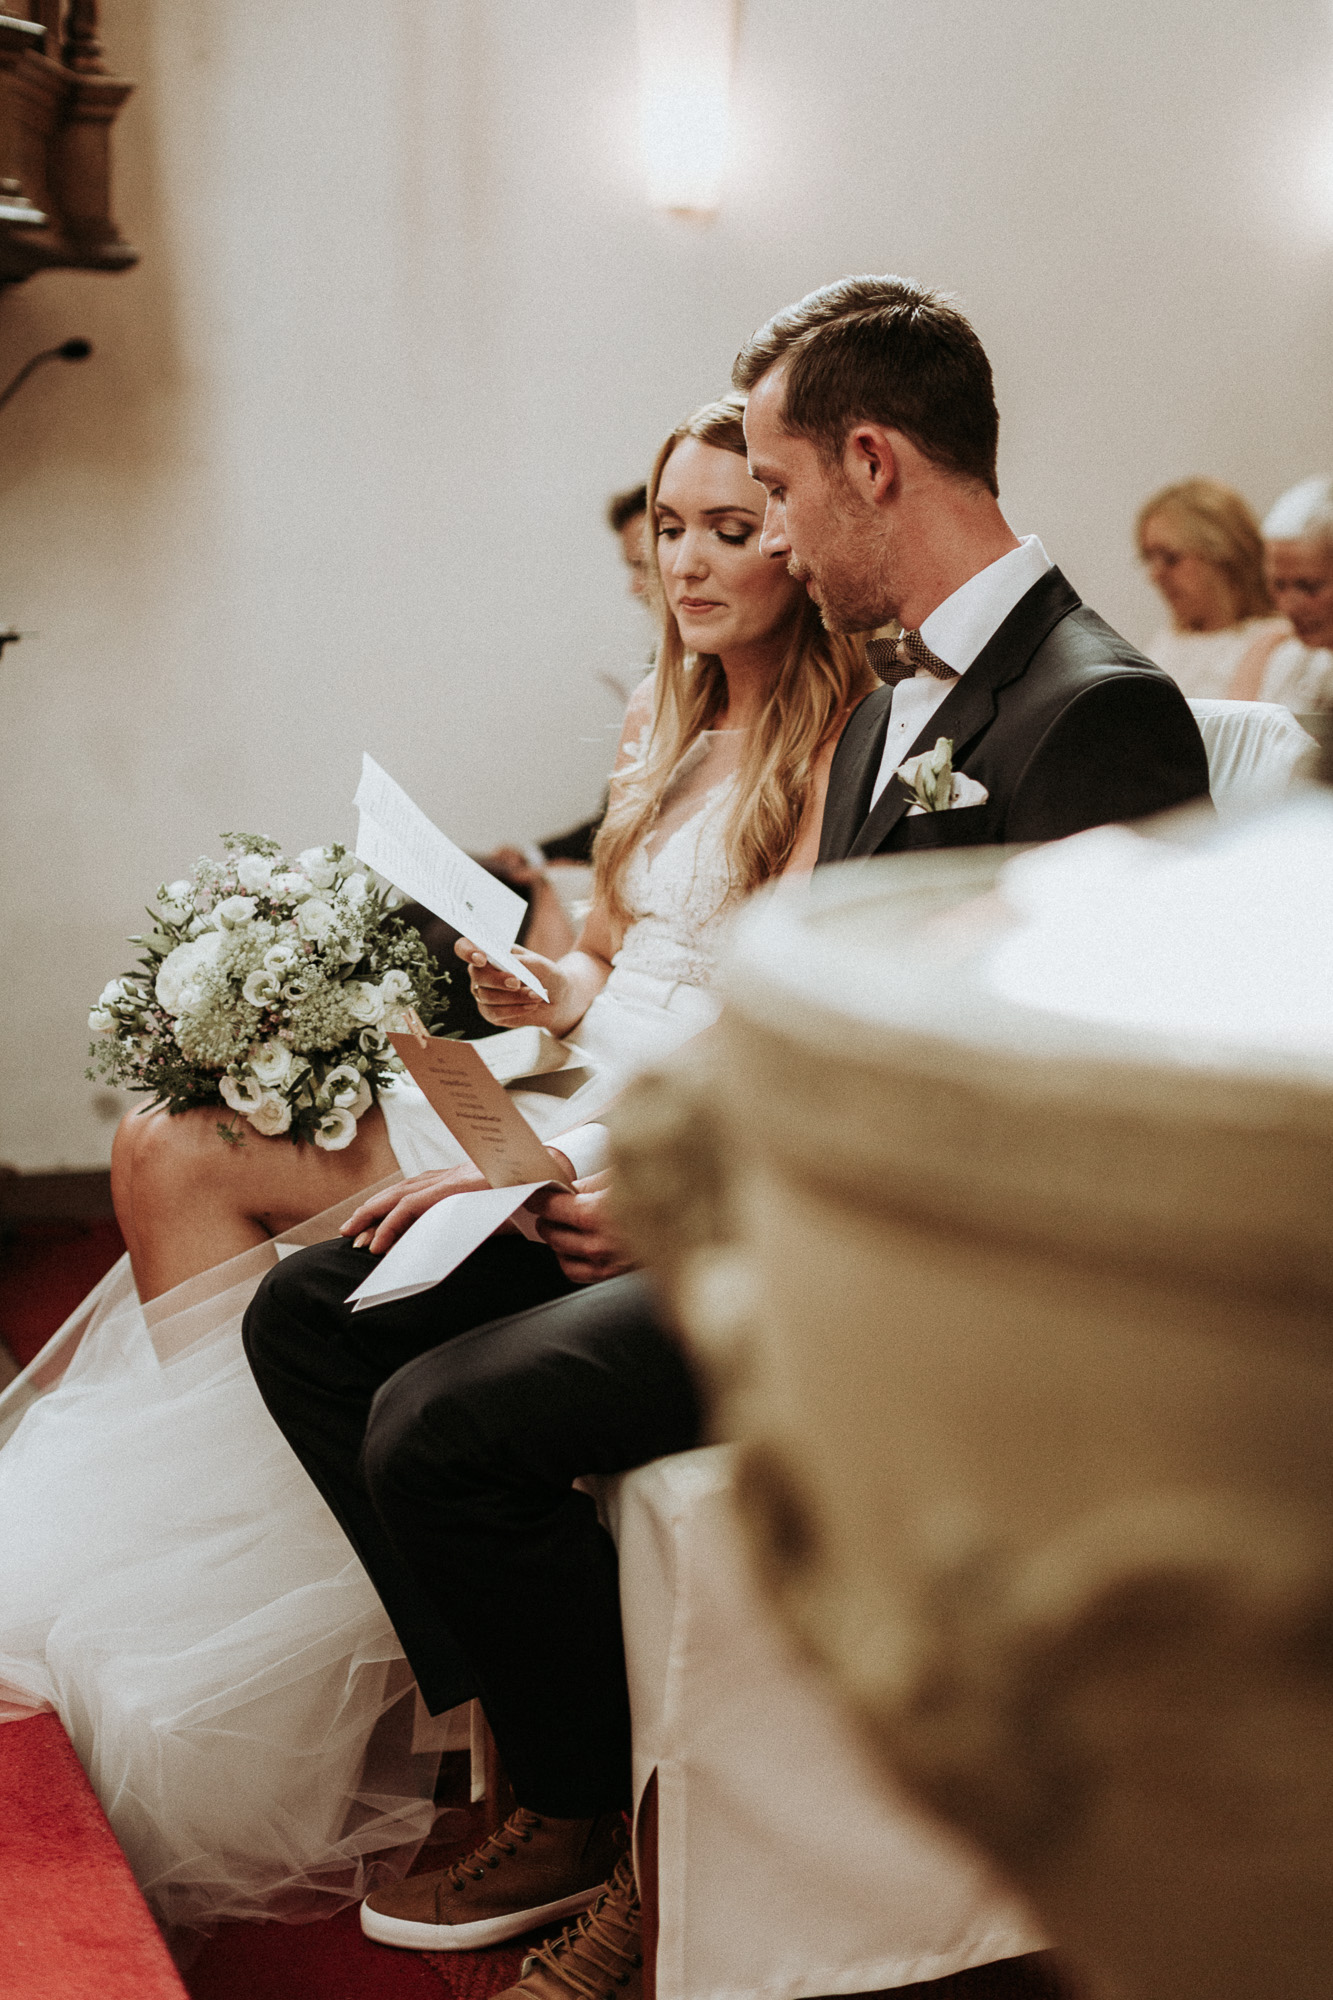 Hochzeitsfotograf_Dinslaken_Hanna_Marc91